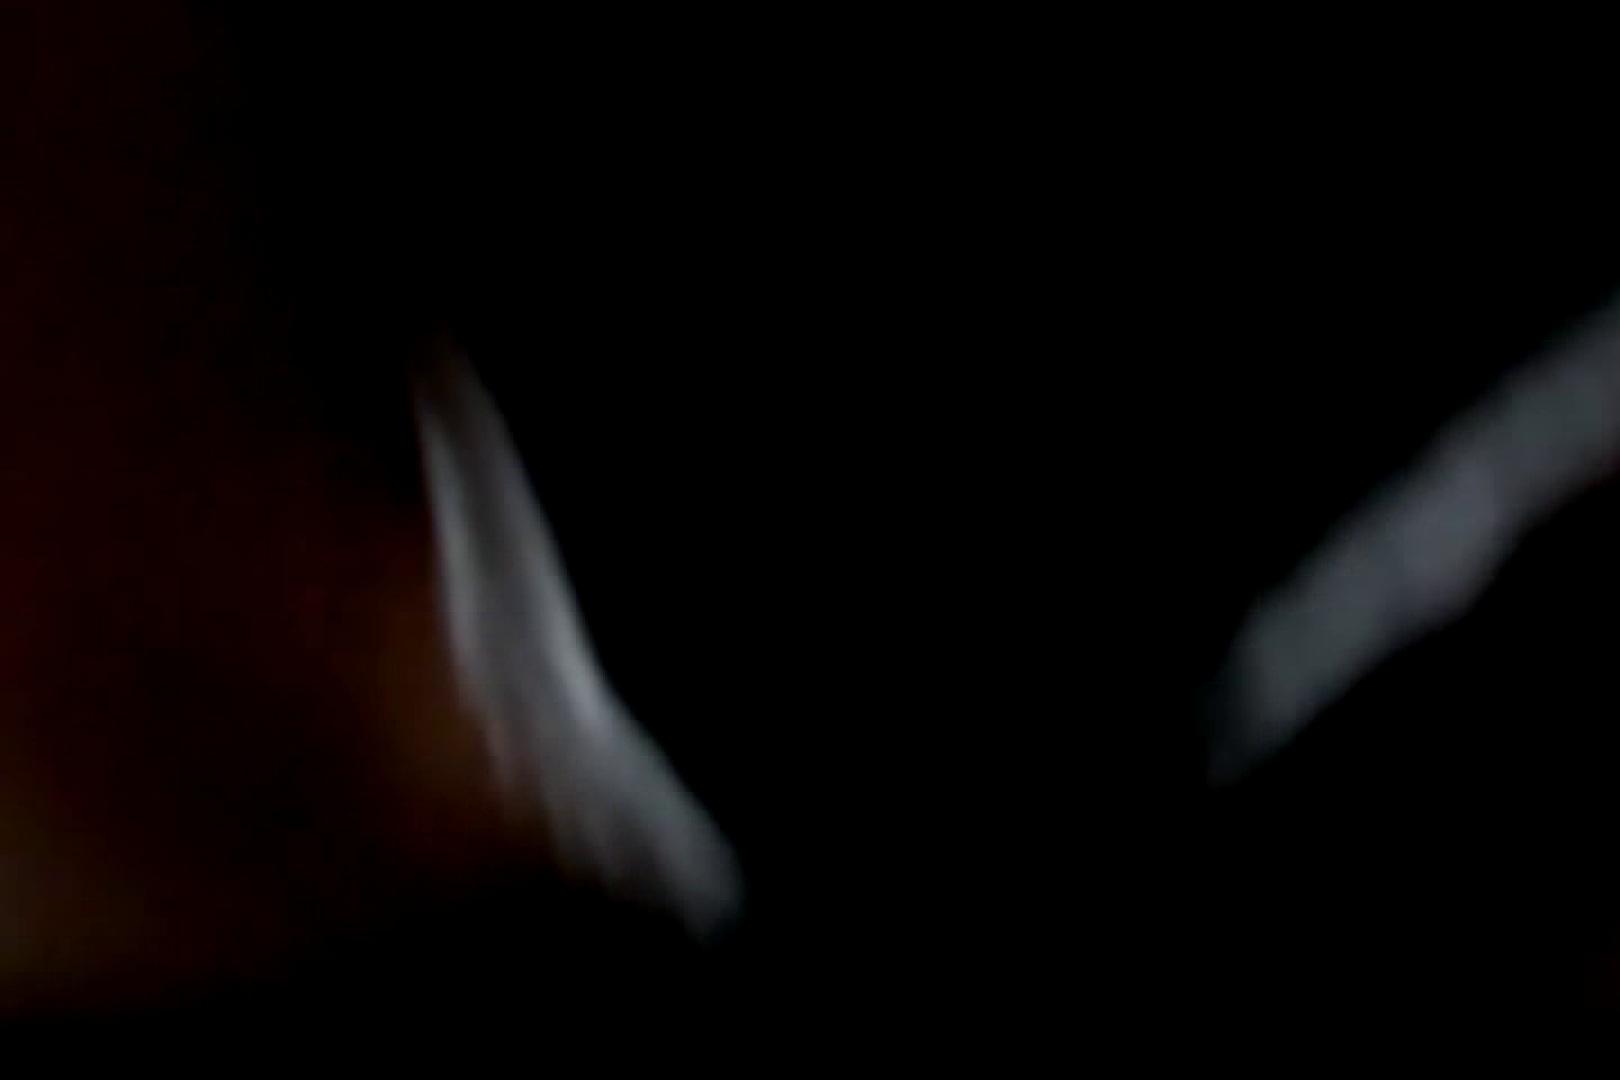 ウイルス流出 レオ&マンコのアルバム マンコ映像 エロ無料画像 101連発 92